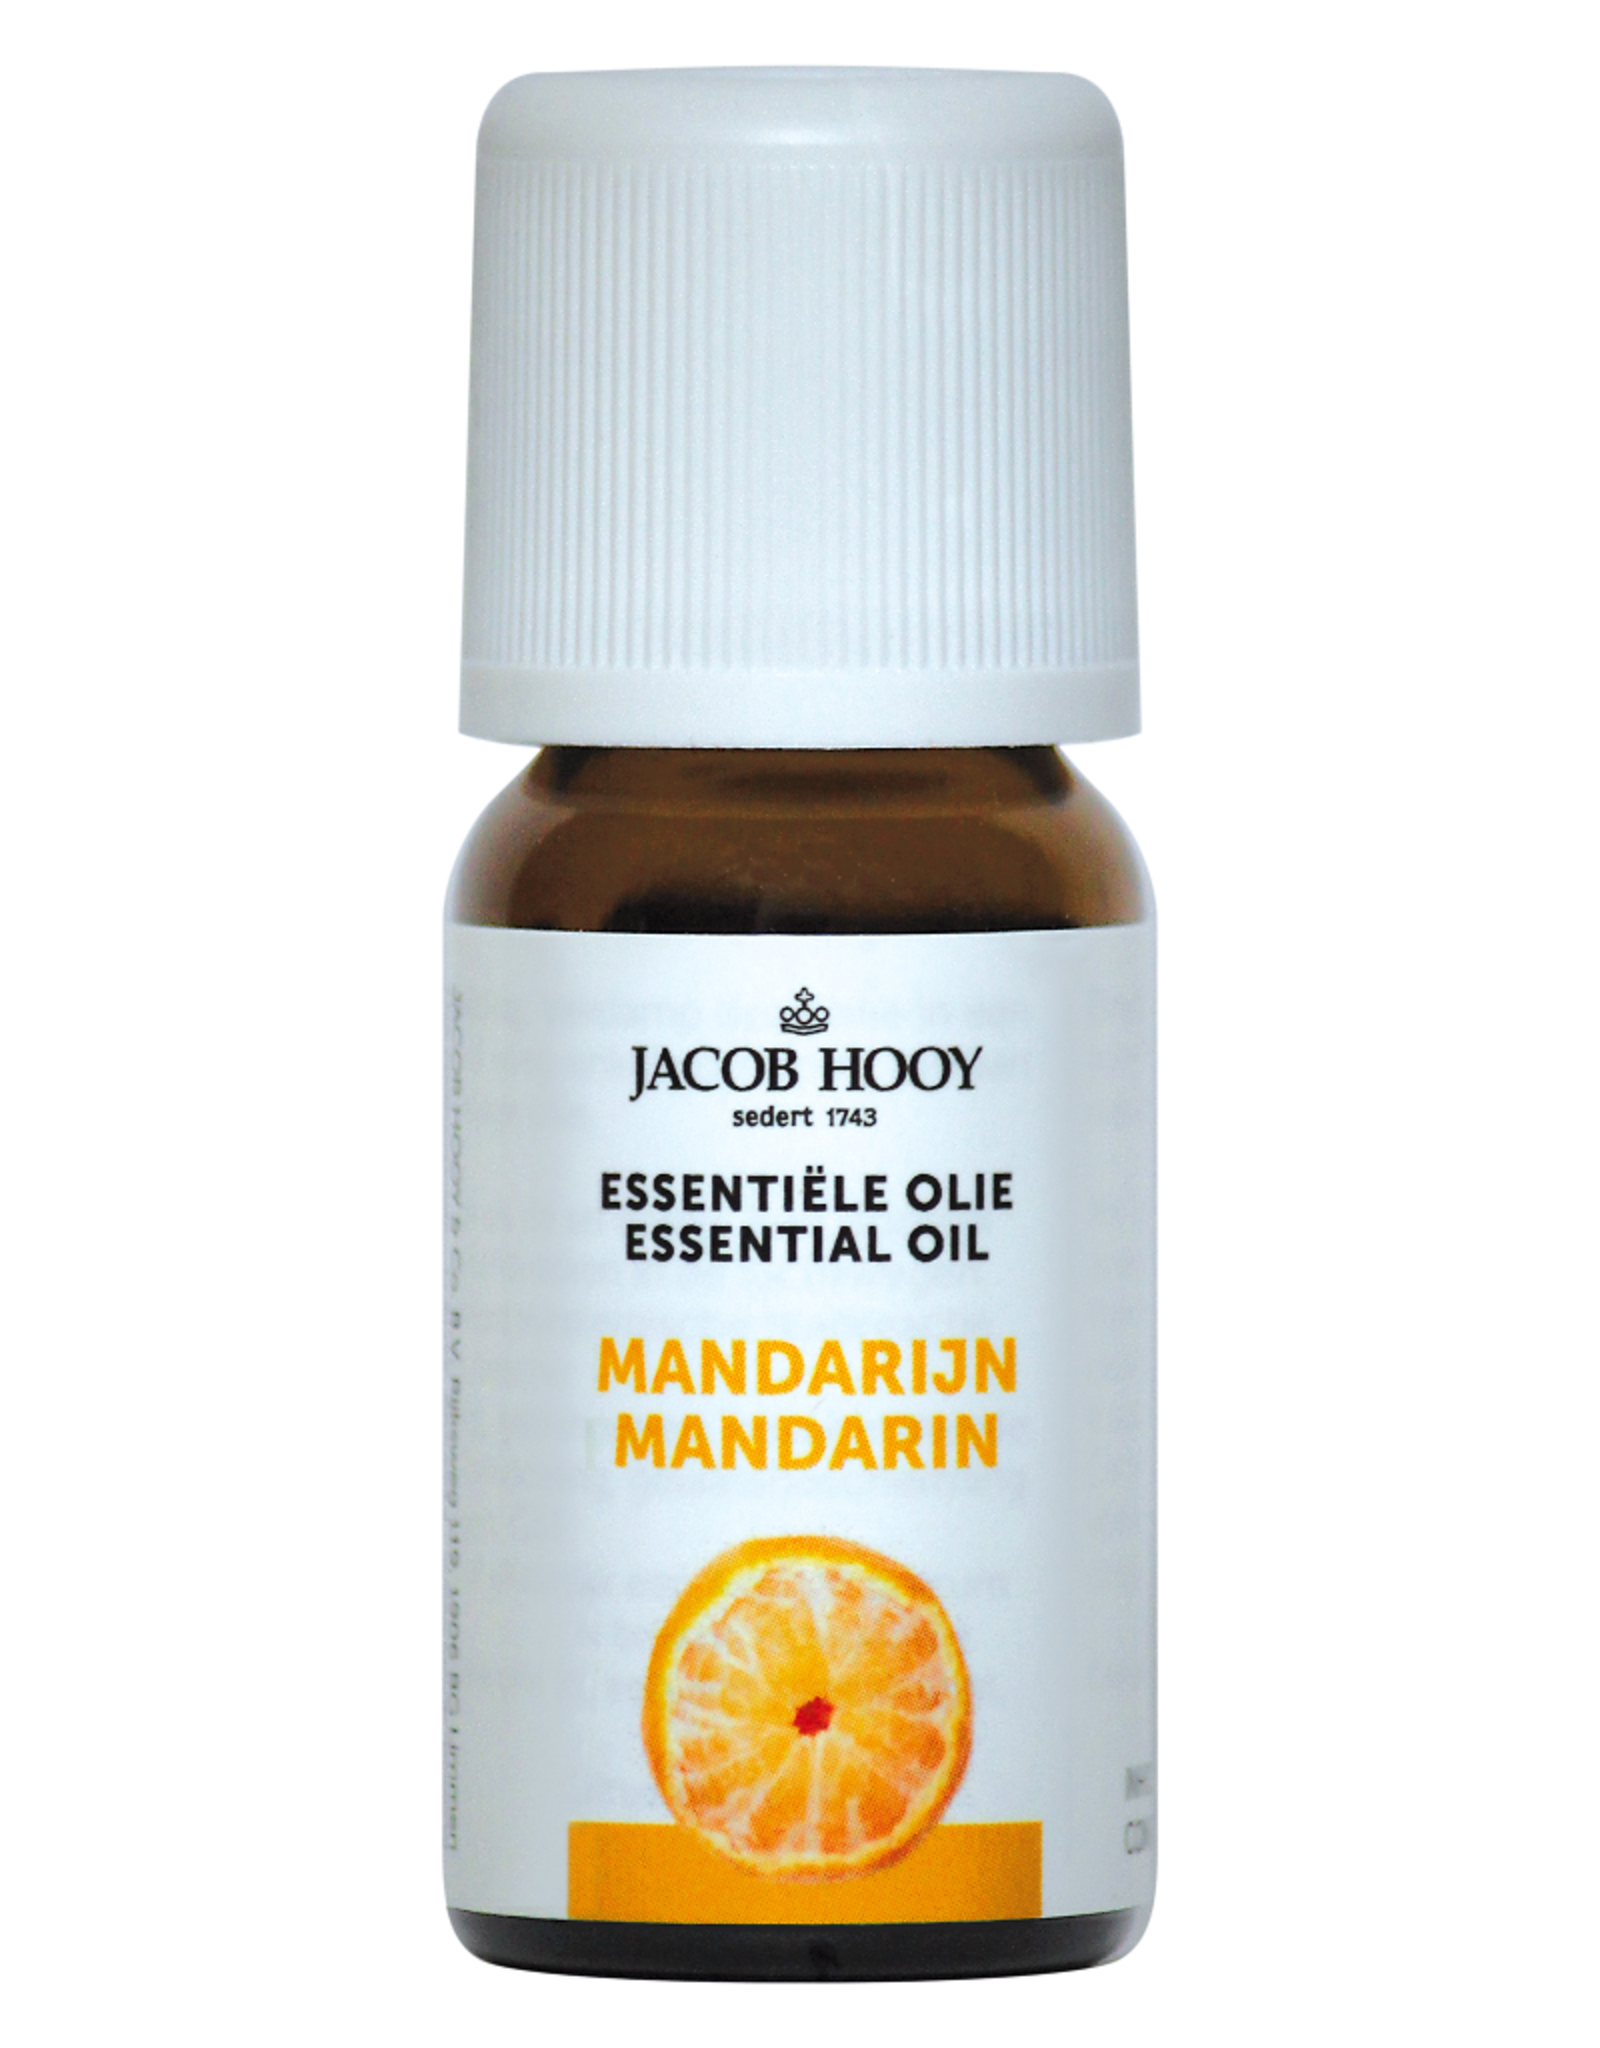 Mandarijn essentiële olie Jacob Hooy 10ml